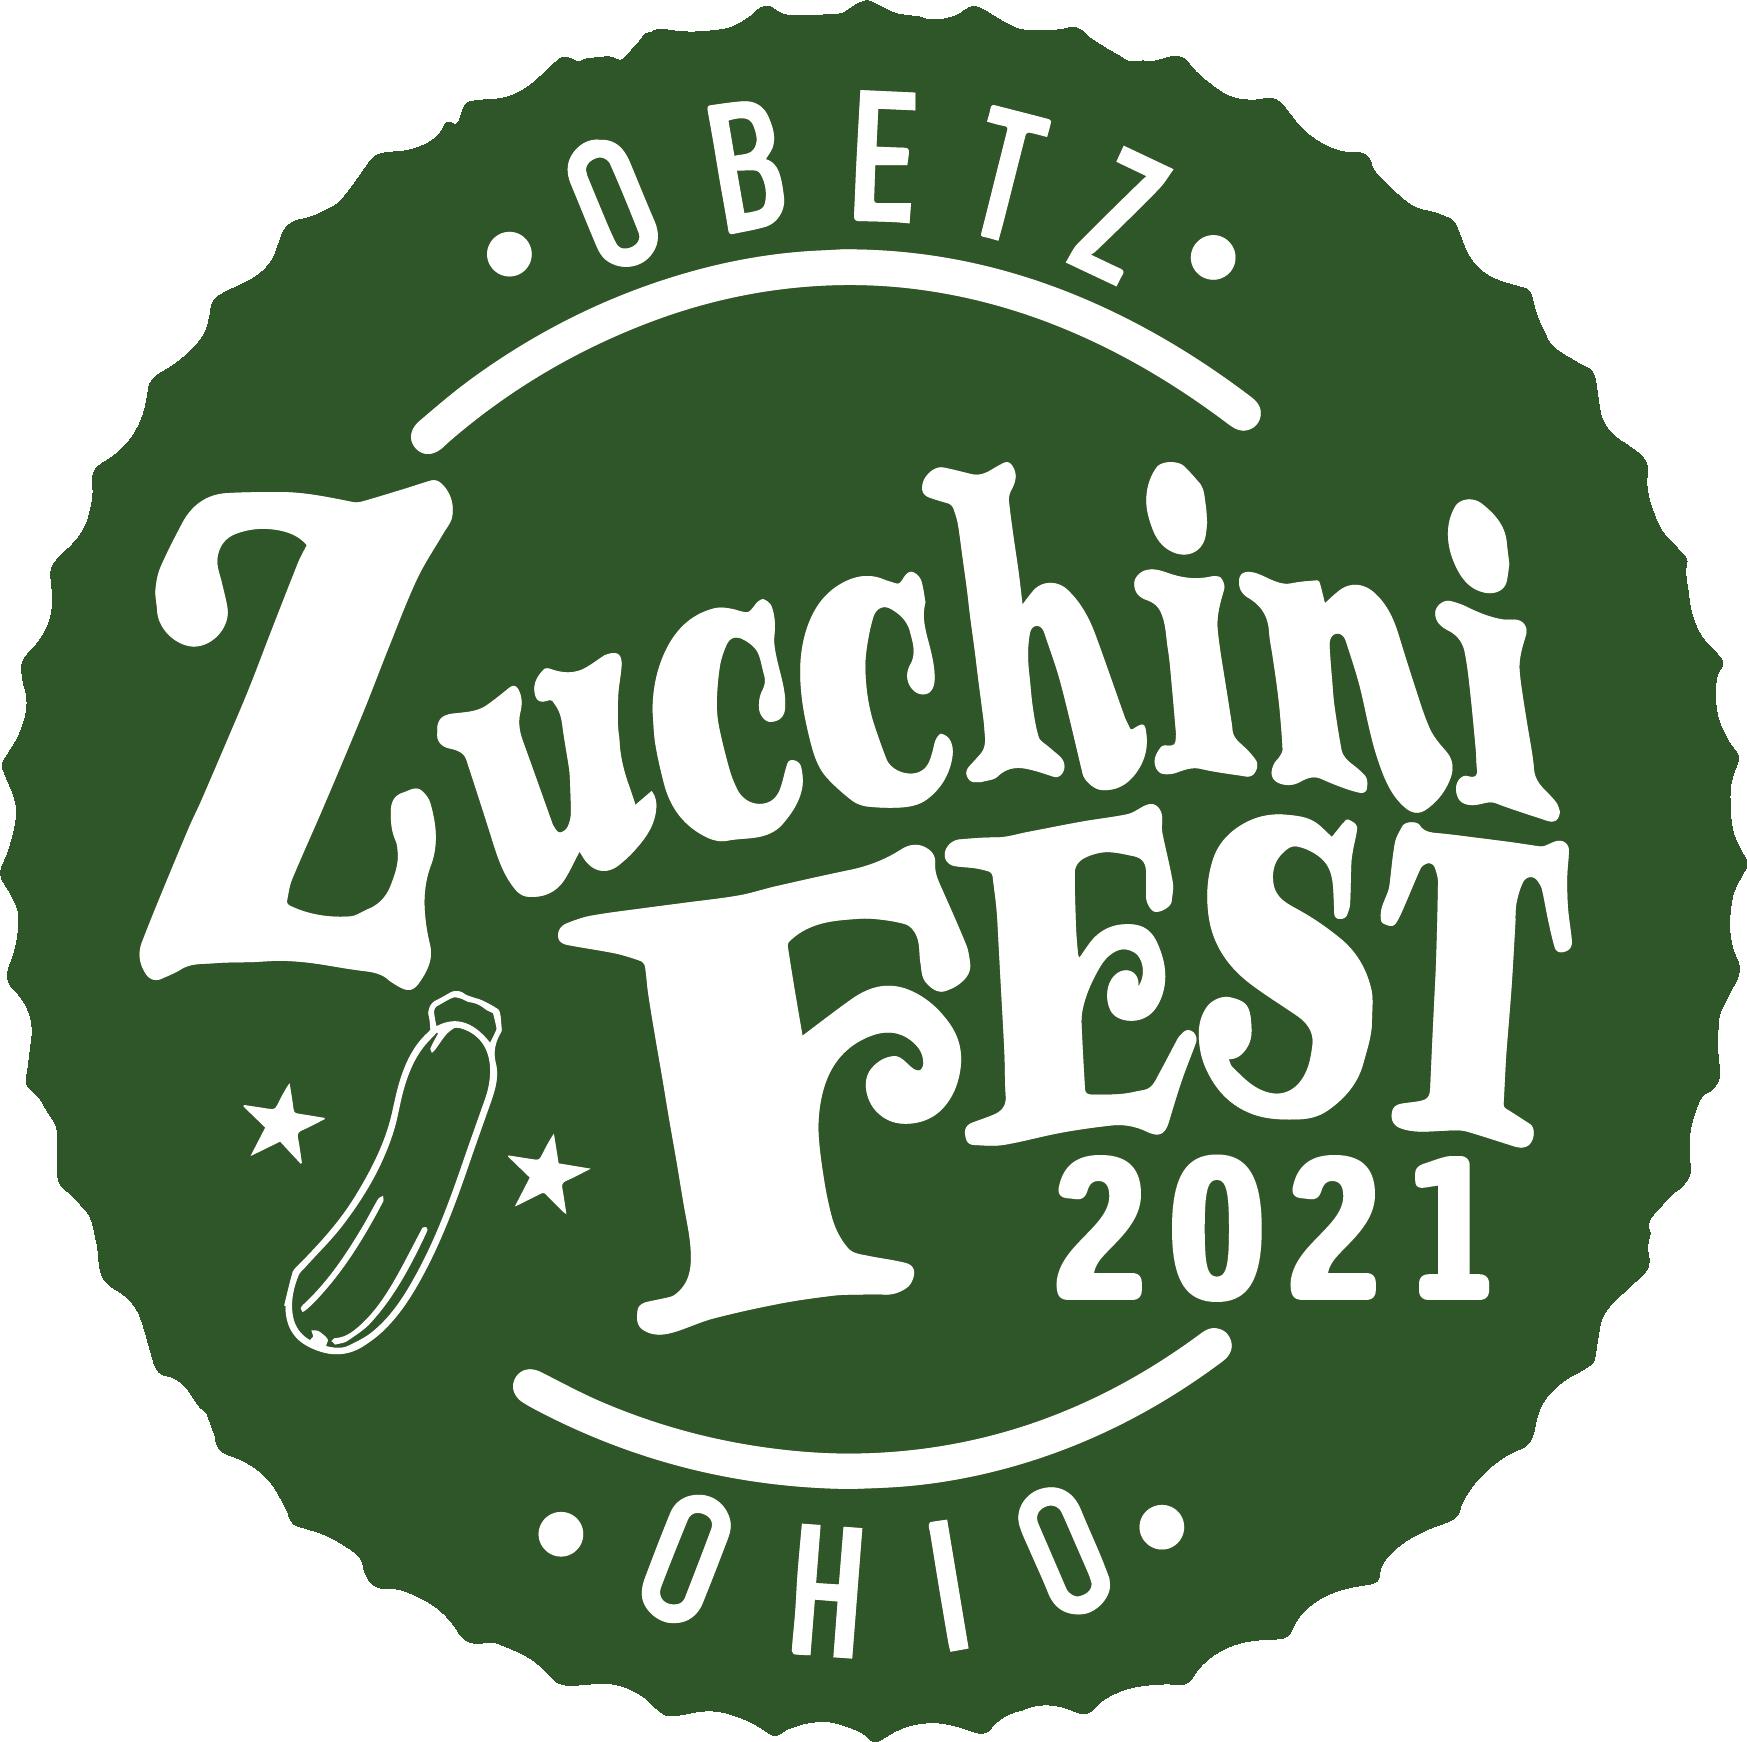 Obetz Zucchinifest